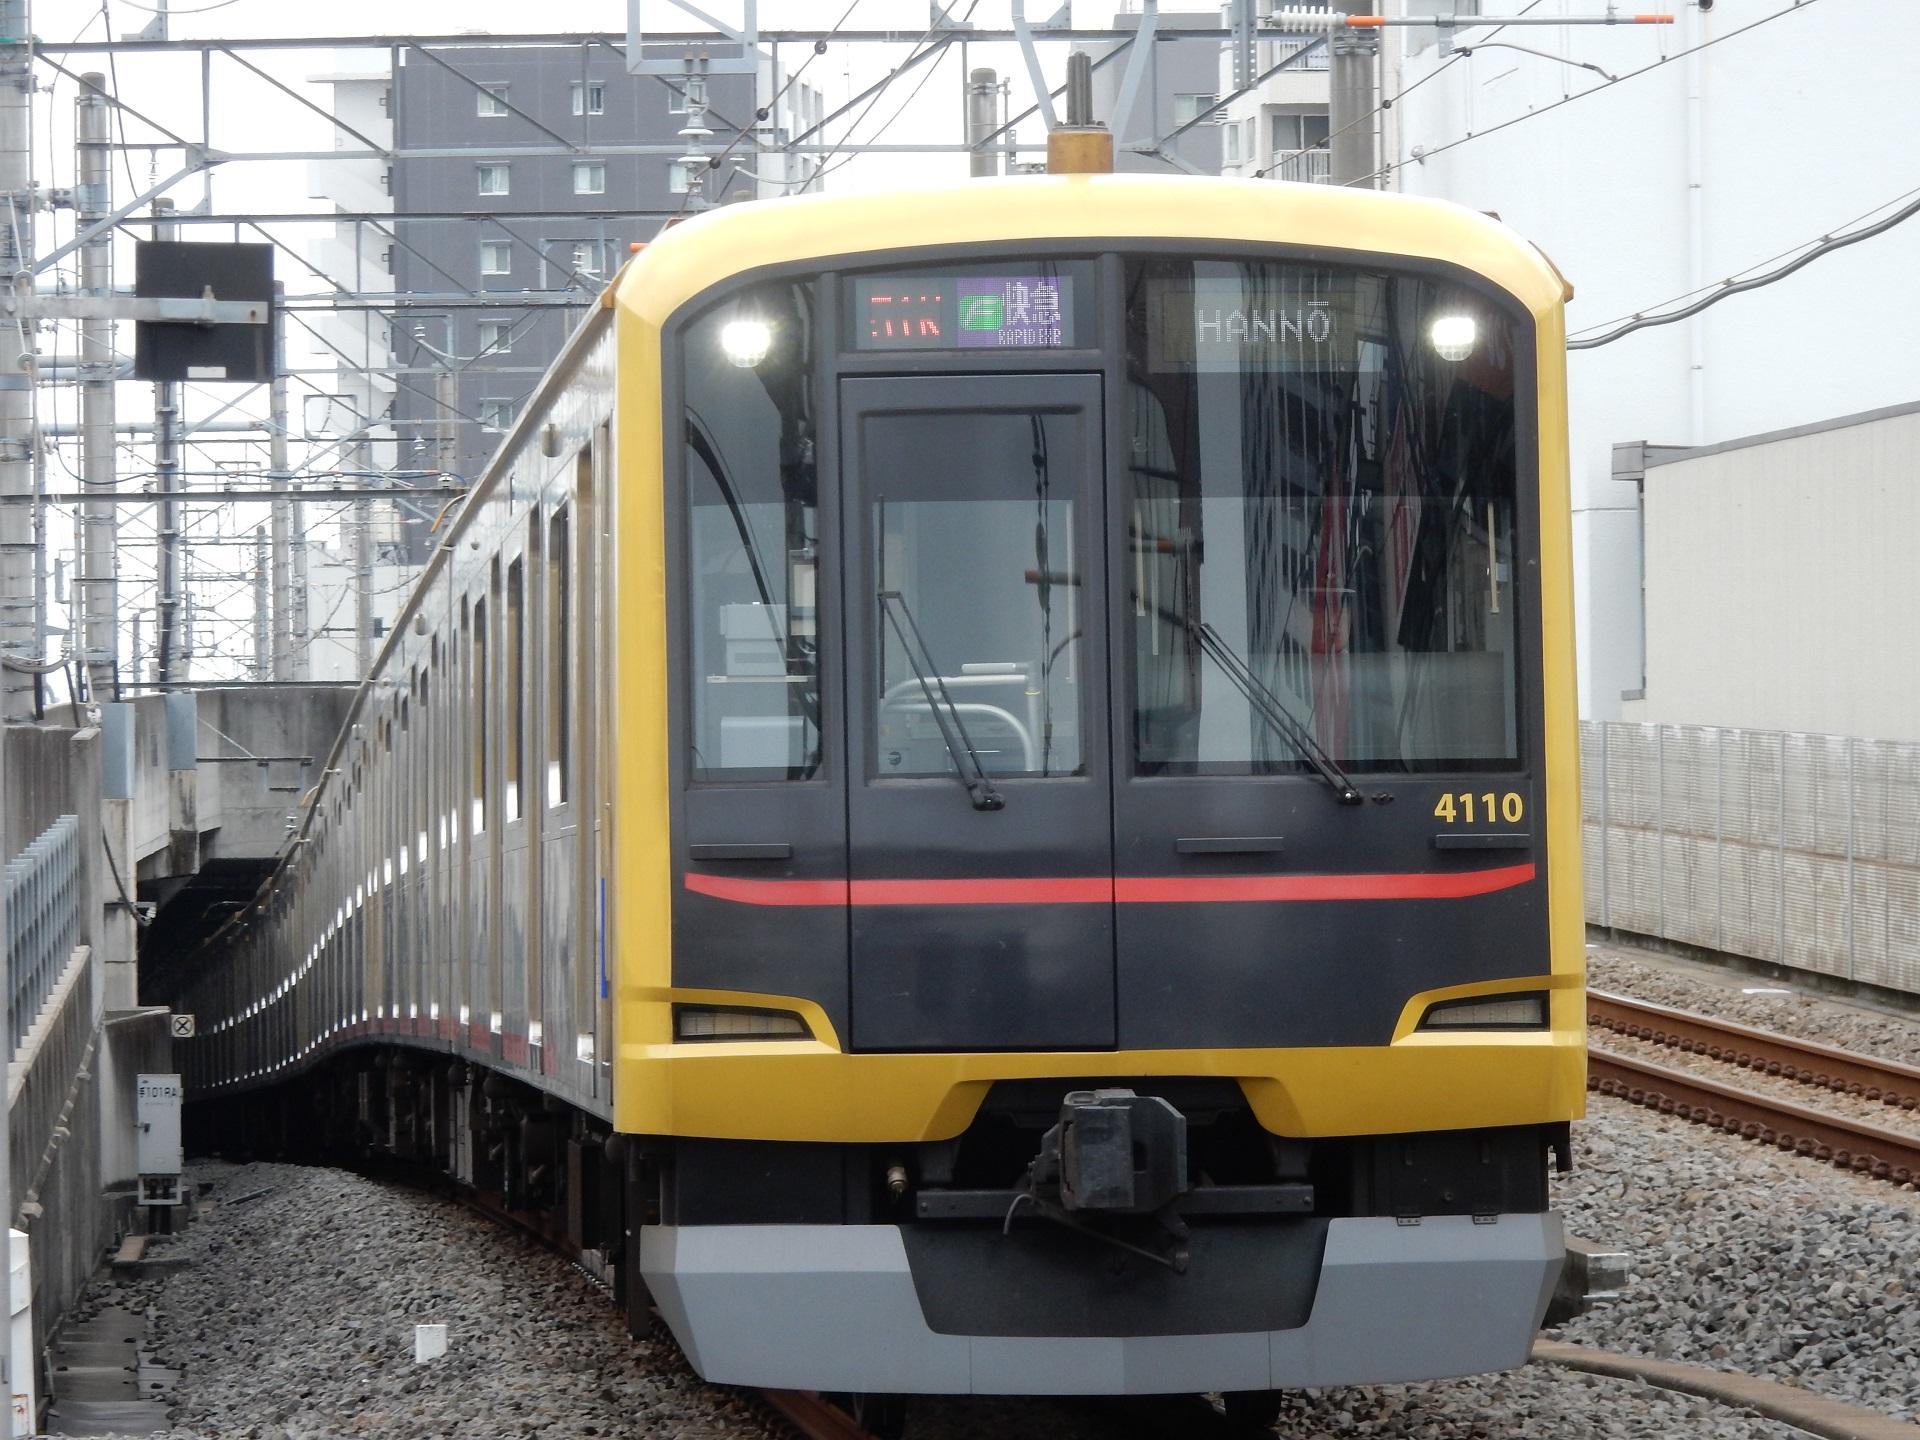 DSCN2696 - コピー